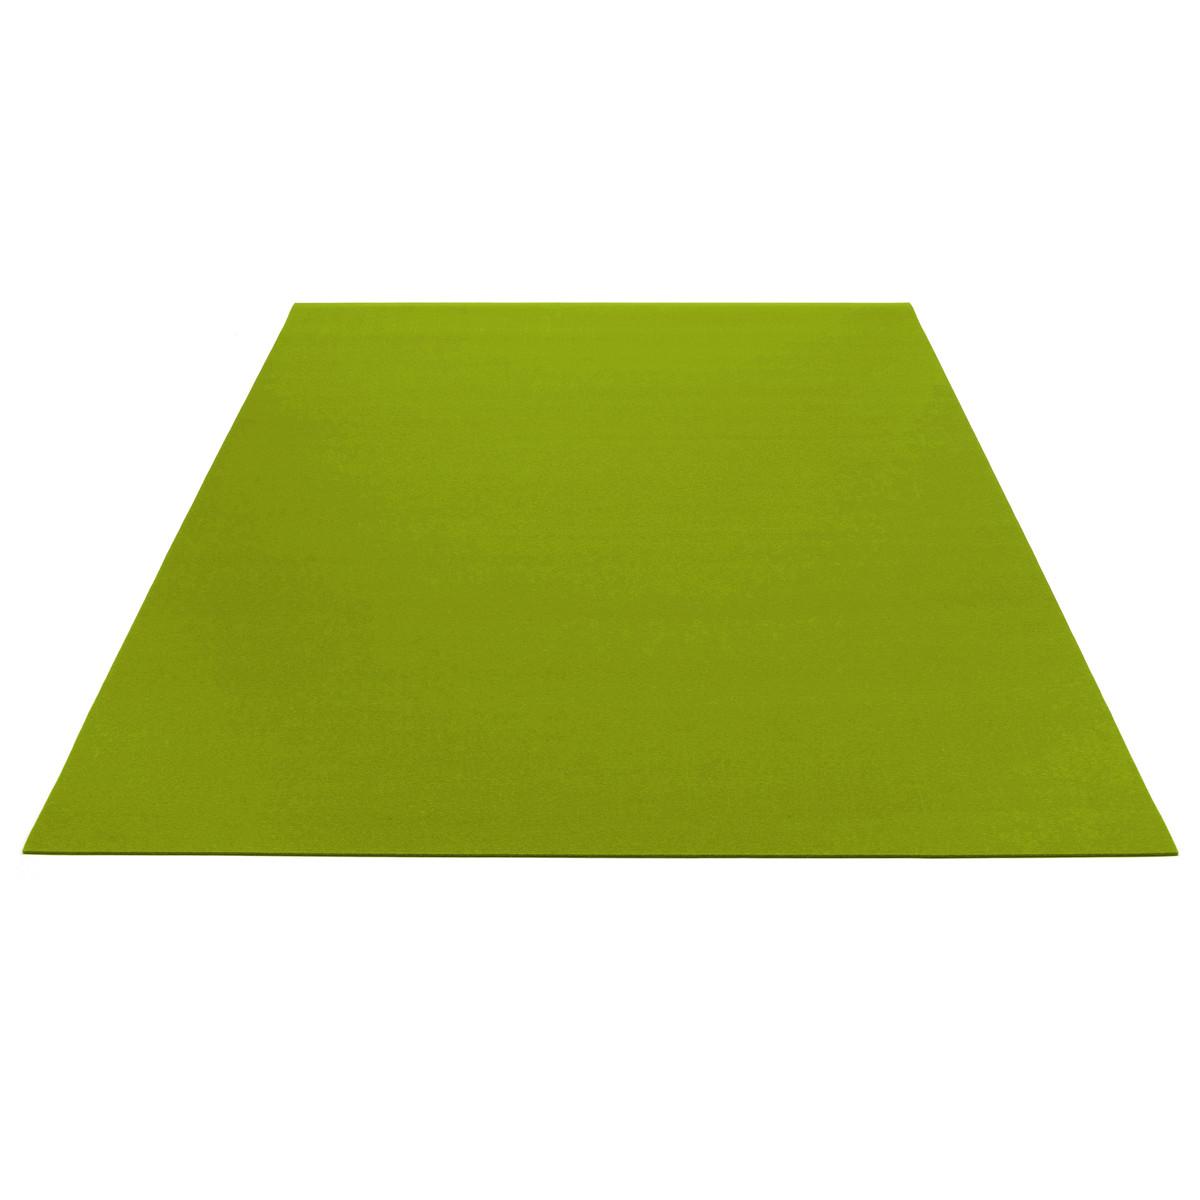 hey sign teppich rechteckig 180x240 cm maigr n maigr n t 180 h 0 b 240 online kaufen bei woonio. Black Bedroom Furniture Sets. Home Design Ideas